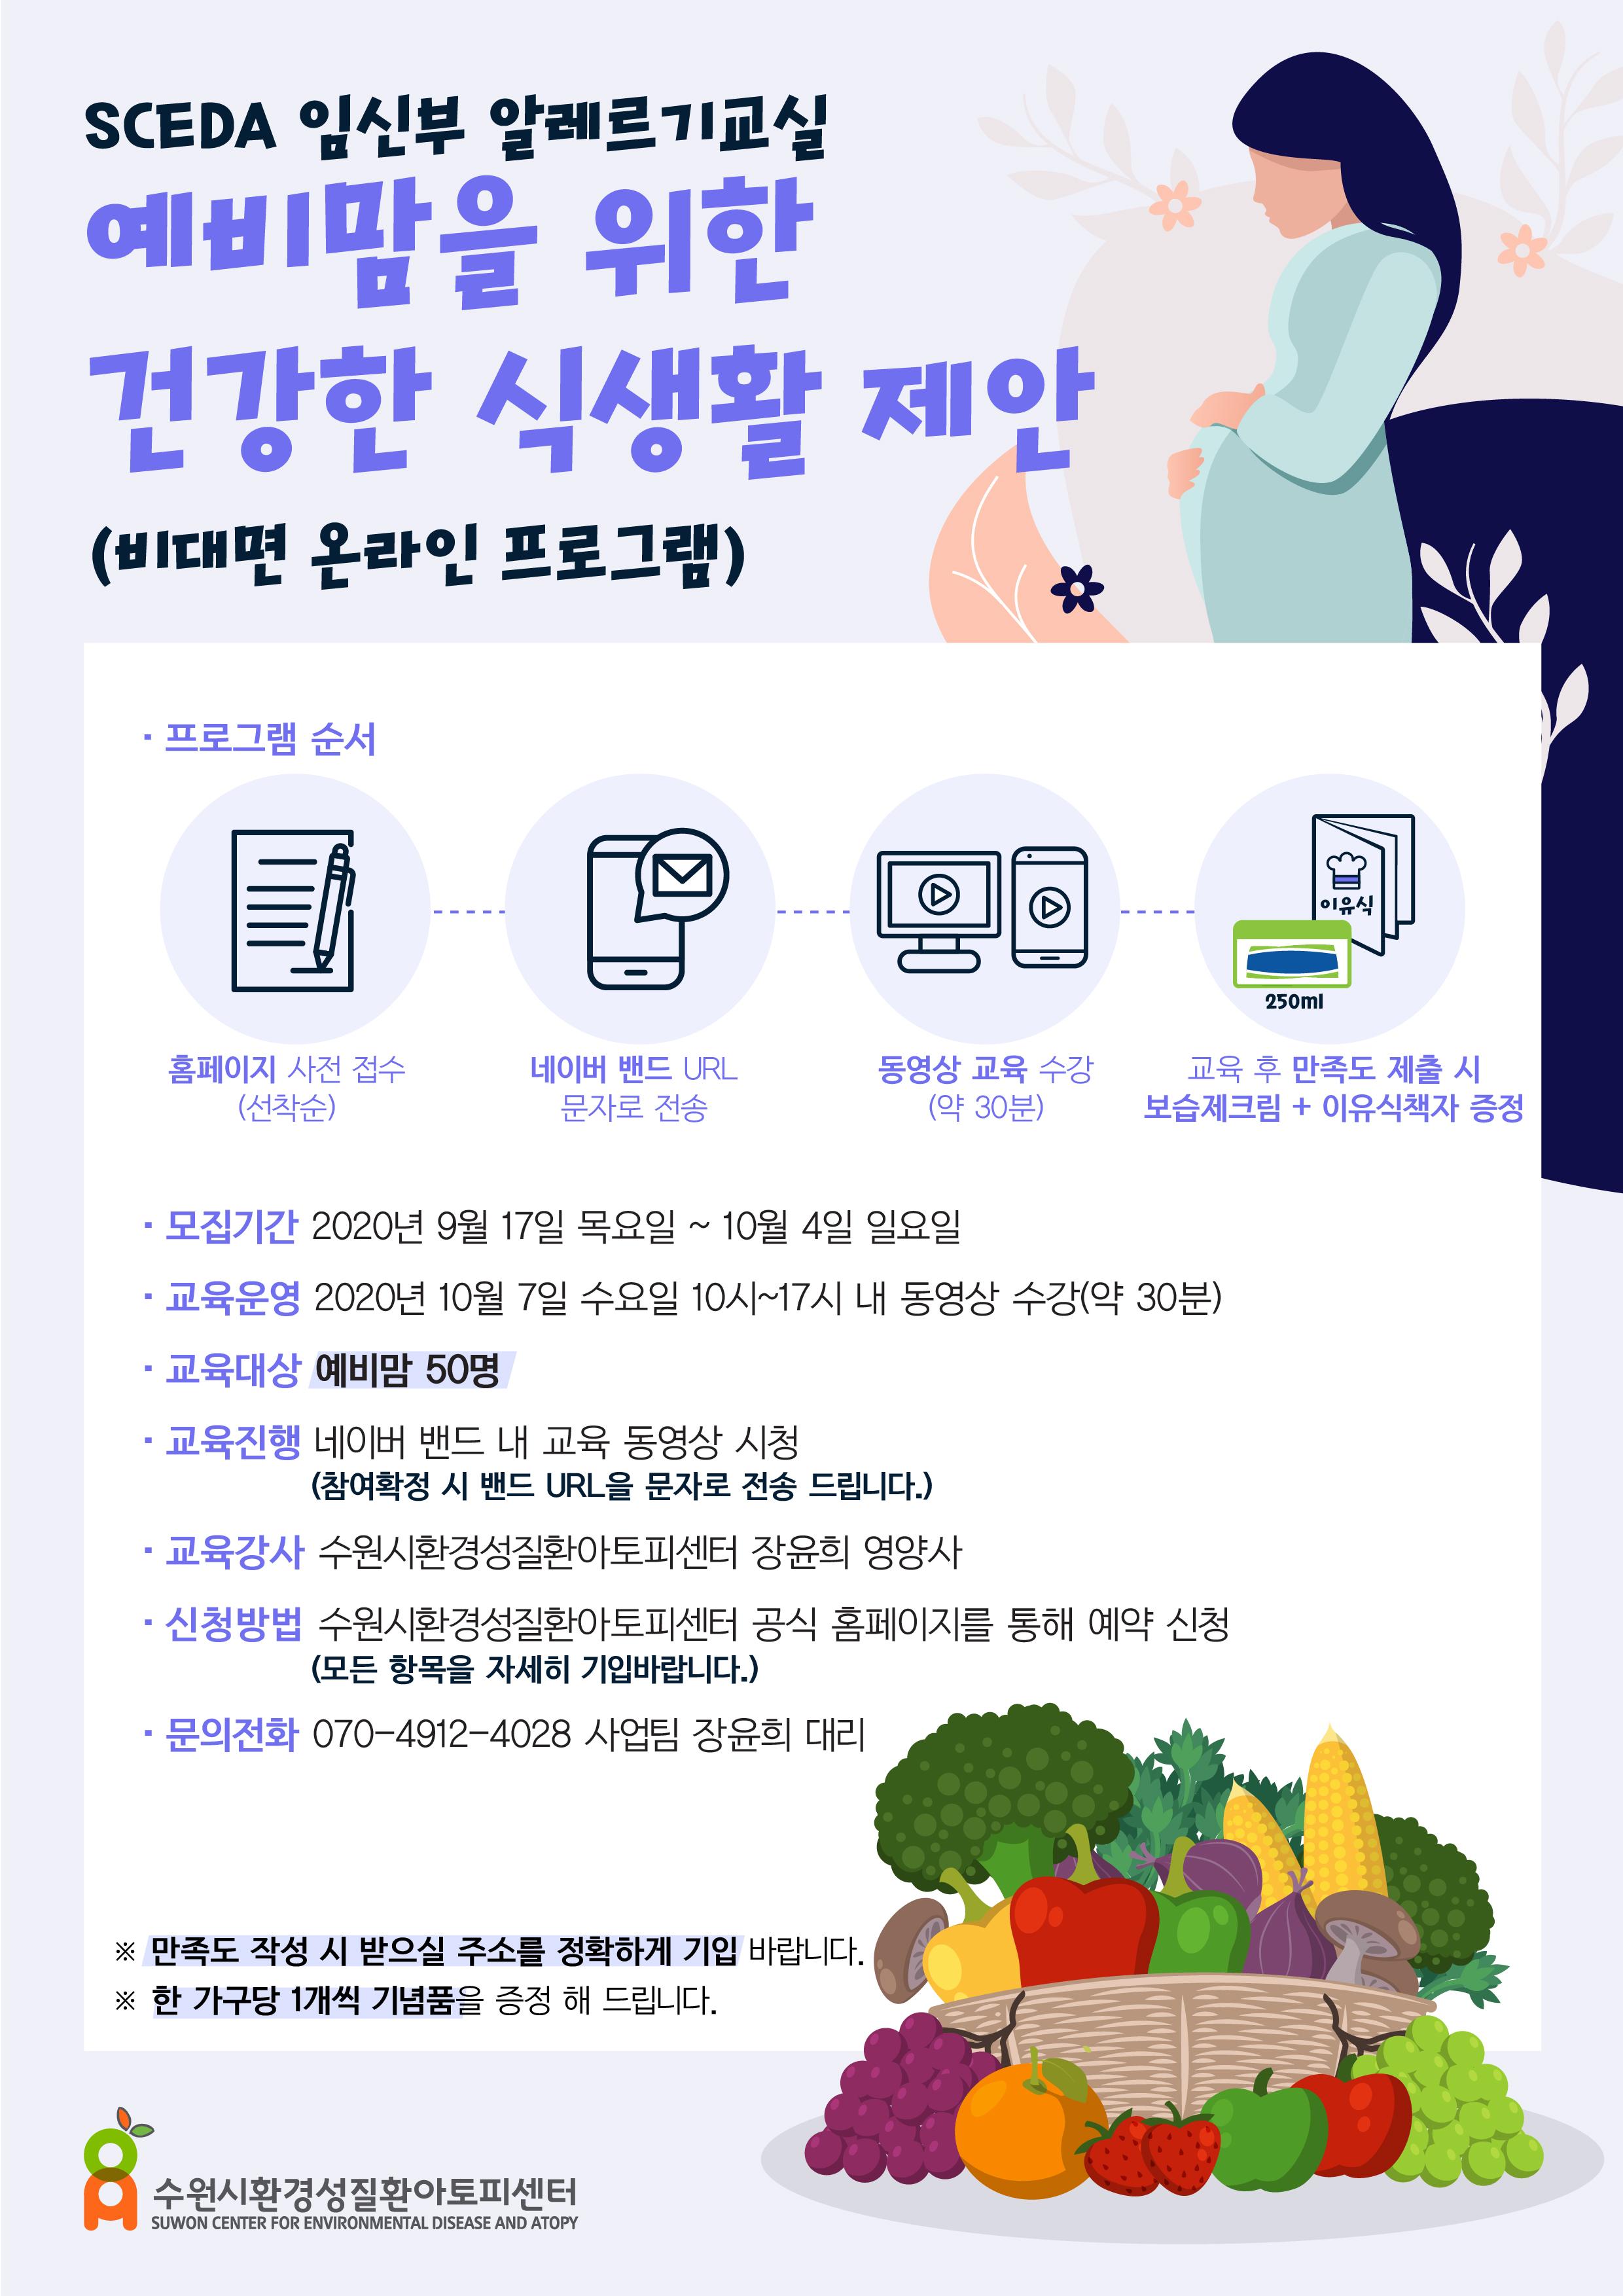 예비맘'을 위한 건강한 식생활을 알려..